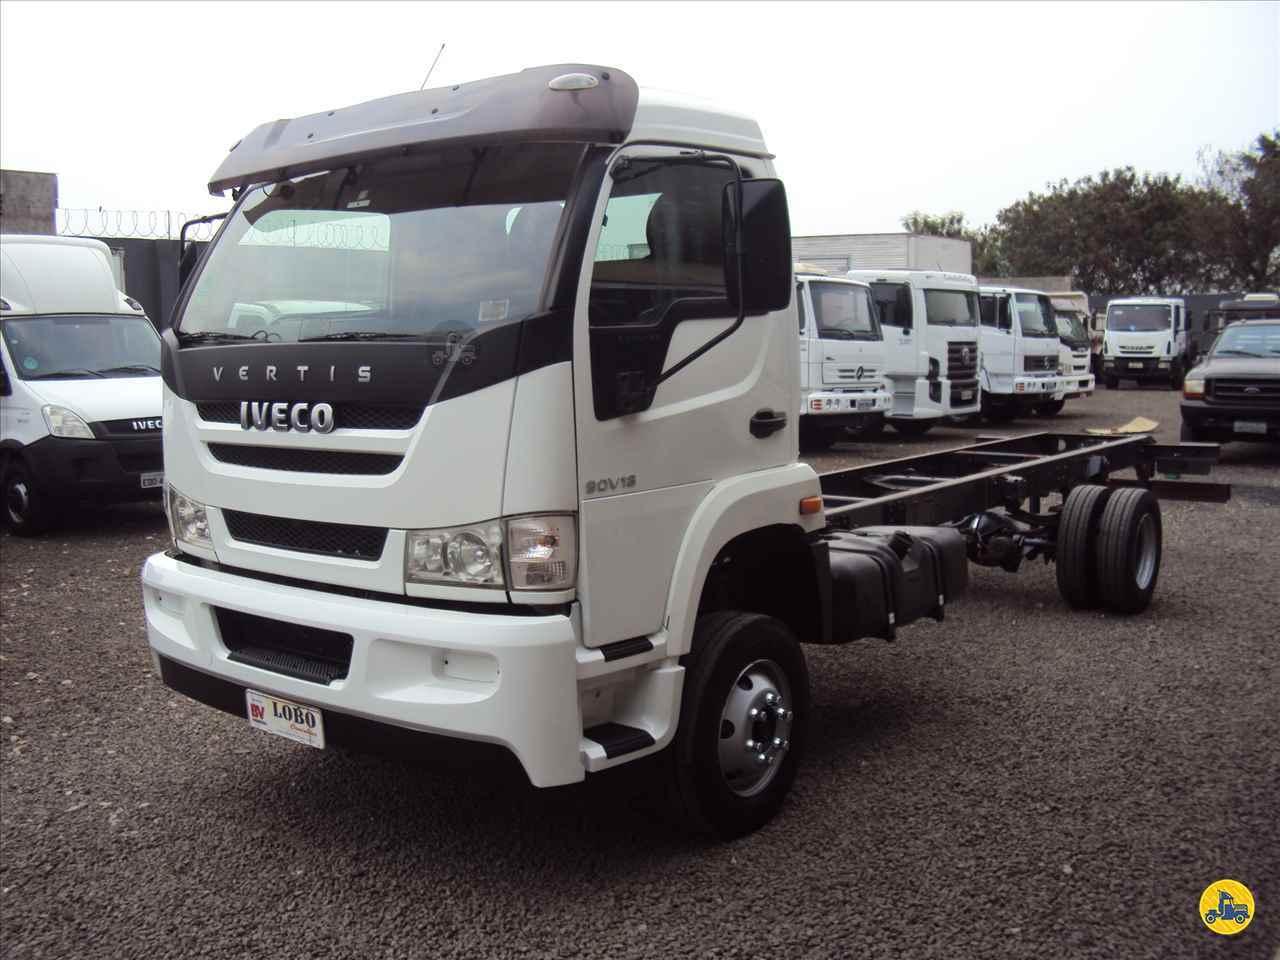 CAMINHAO IVECO VERTIS HD 90V18 Chassis 3/4 4x2 Lobo Caminhões AMERICANA SÃO PAULO SP